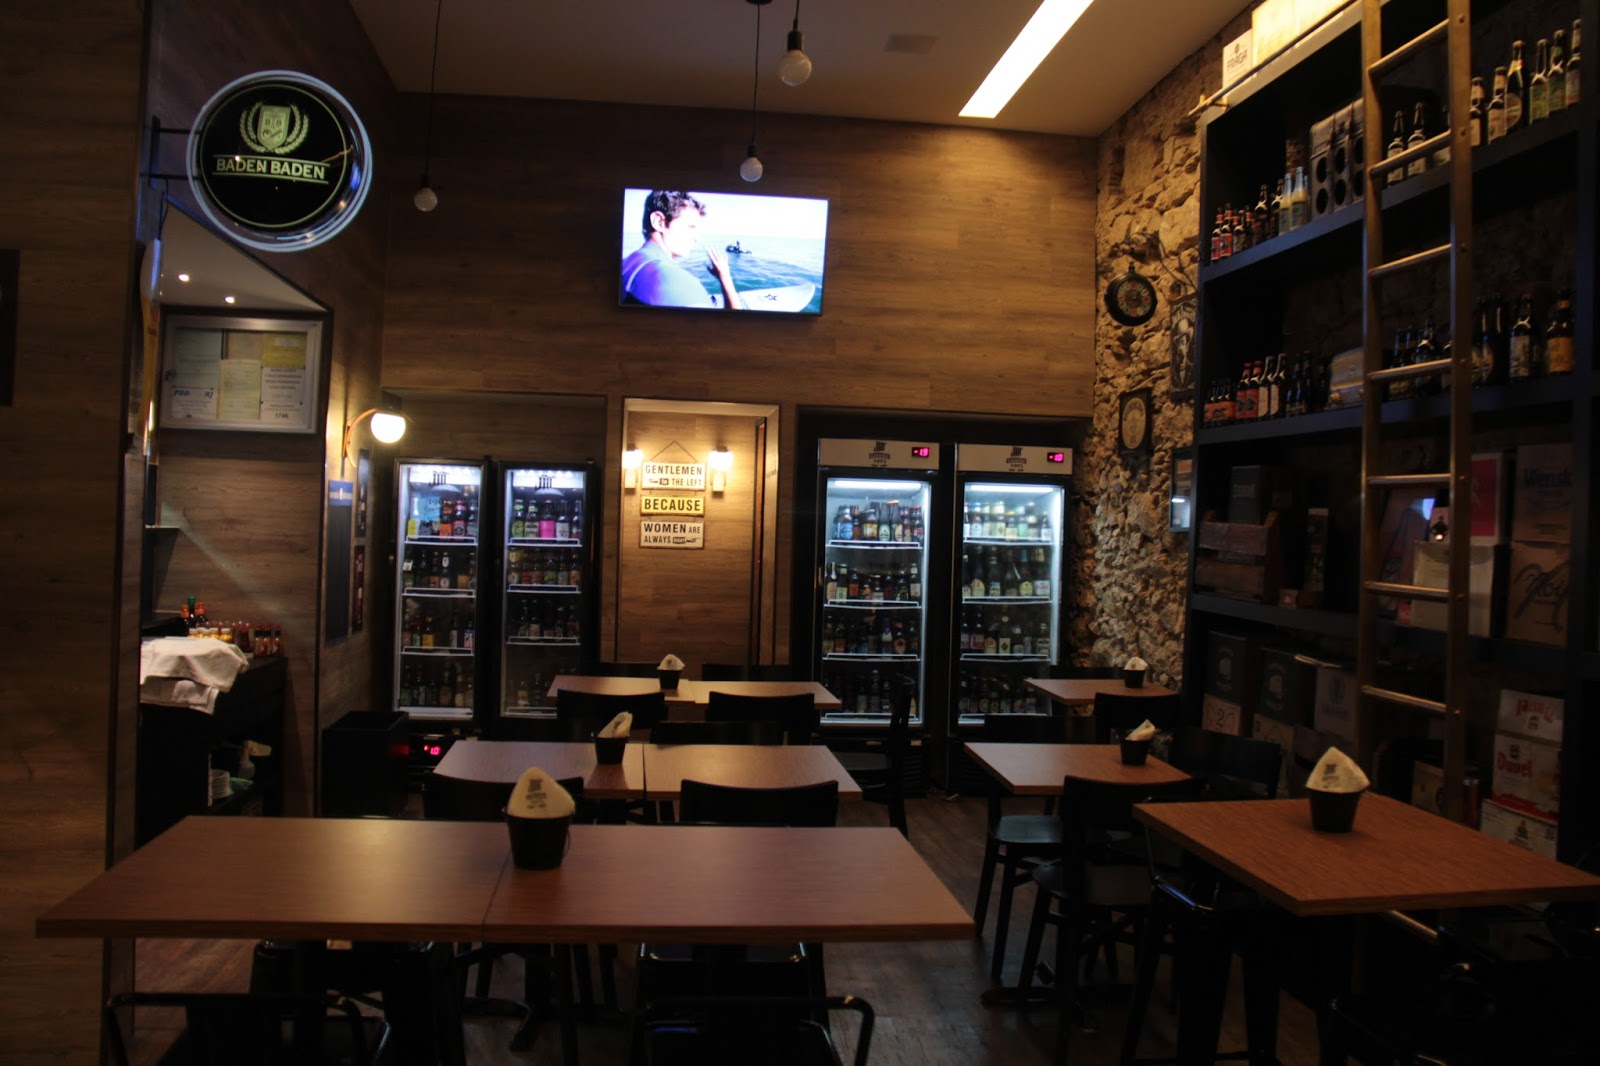 Blog Apaixonados por Viagens: Dica de Restaurante no Rio de Janeiro  #AF7D1C 1600x1066 Banheiro Adaptado Deficiente Fisico